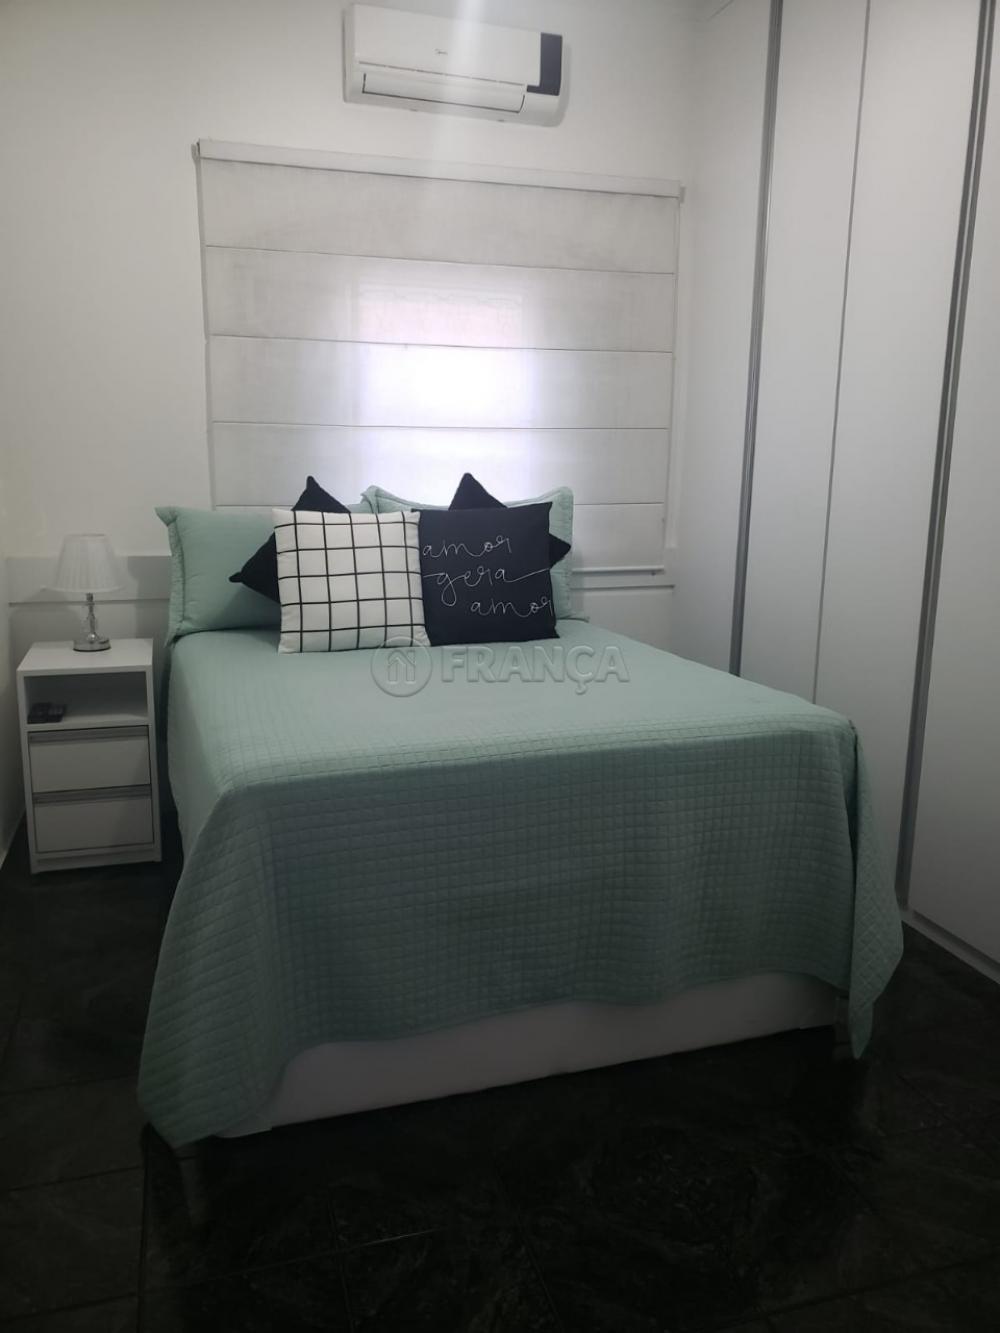 Comprar Casa / Padrão em Jacareí R$ 600.000,00 - Foto 10